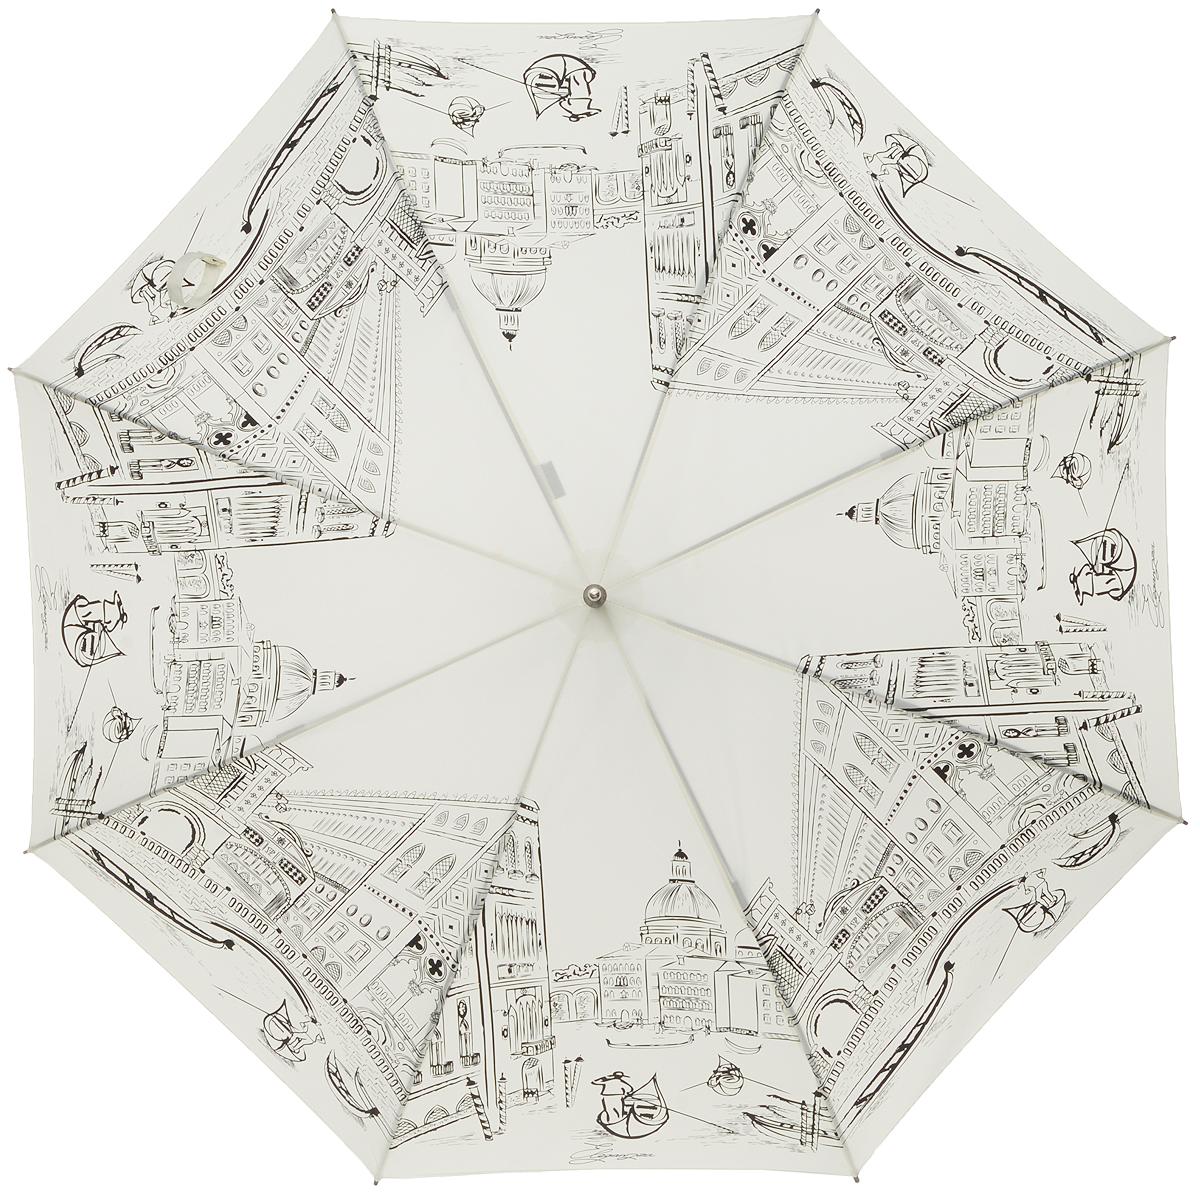 Зонт-трость женский Eleganzza, полуавтомат, 3 сложения, цвет: молочный, черный. T-05-0200T-05-0200Элегантный женский зонт-трость Eleganzza не оставит вас незамеченной. Изделие оформлено оригинальным принтом. Зонт состоит из восьми спиц изготовленных из фибергласса и стержня из стали. Купол выполнен из качественного полиэстера и эпонжа, которые не пропускают воду. Зонт дополнен удобной ручкой из матового пластика, которая имеет форму крючка. Также зонт имеет заостренный наконечник, который устраняет попадание воды на стержень и уберегает зонт от повреждений. Зонт оснащен чехлом и удобным ремешком, благодаря которому зонт можно носить на плече. Изделие имеет полуавтоматический механизм сложения: купол открывается нажатием кнопки на ручке, а складывается вручную до характерного щелчка. Оригинальный и практичный аксессуар даже в ненастную погоду позволит вам оставаться женственной и привлекательной.